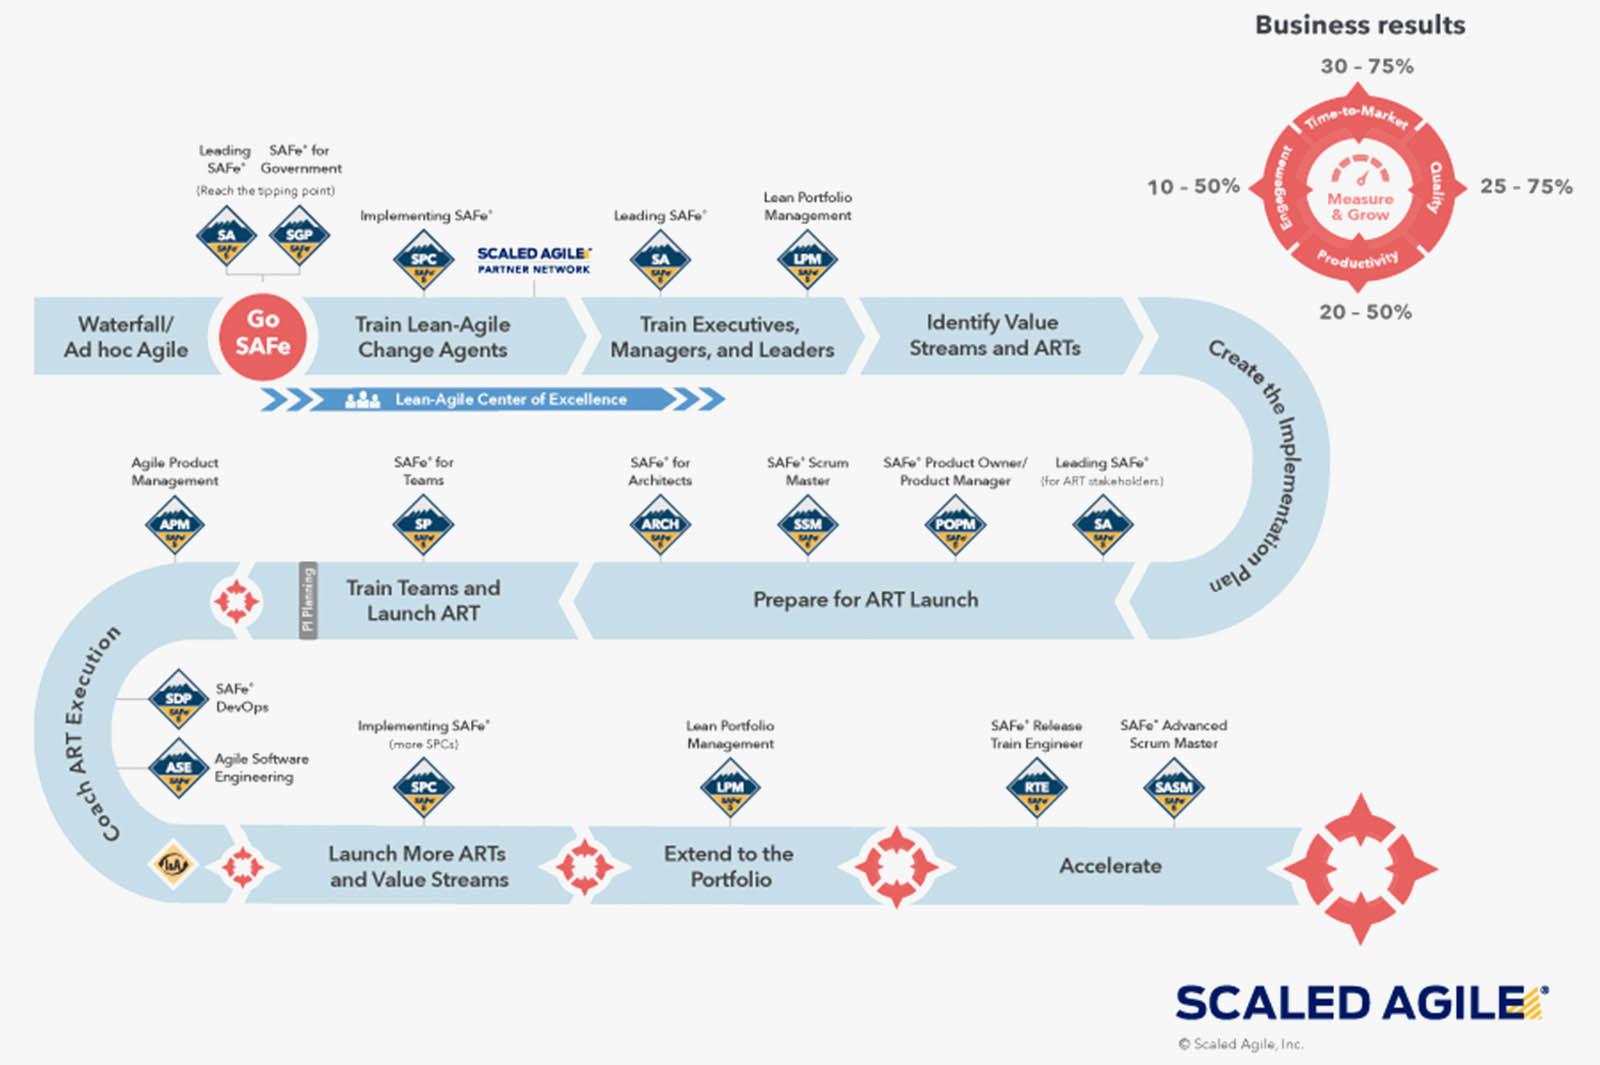 Scaled Agile